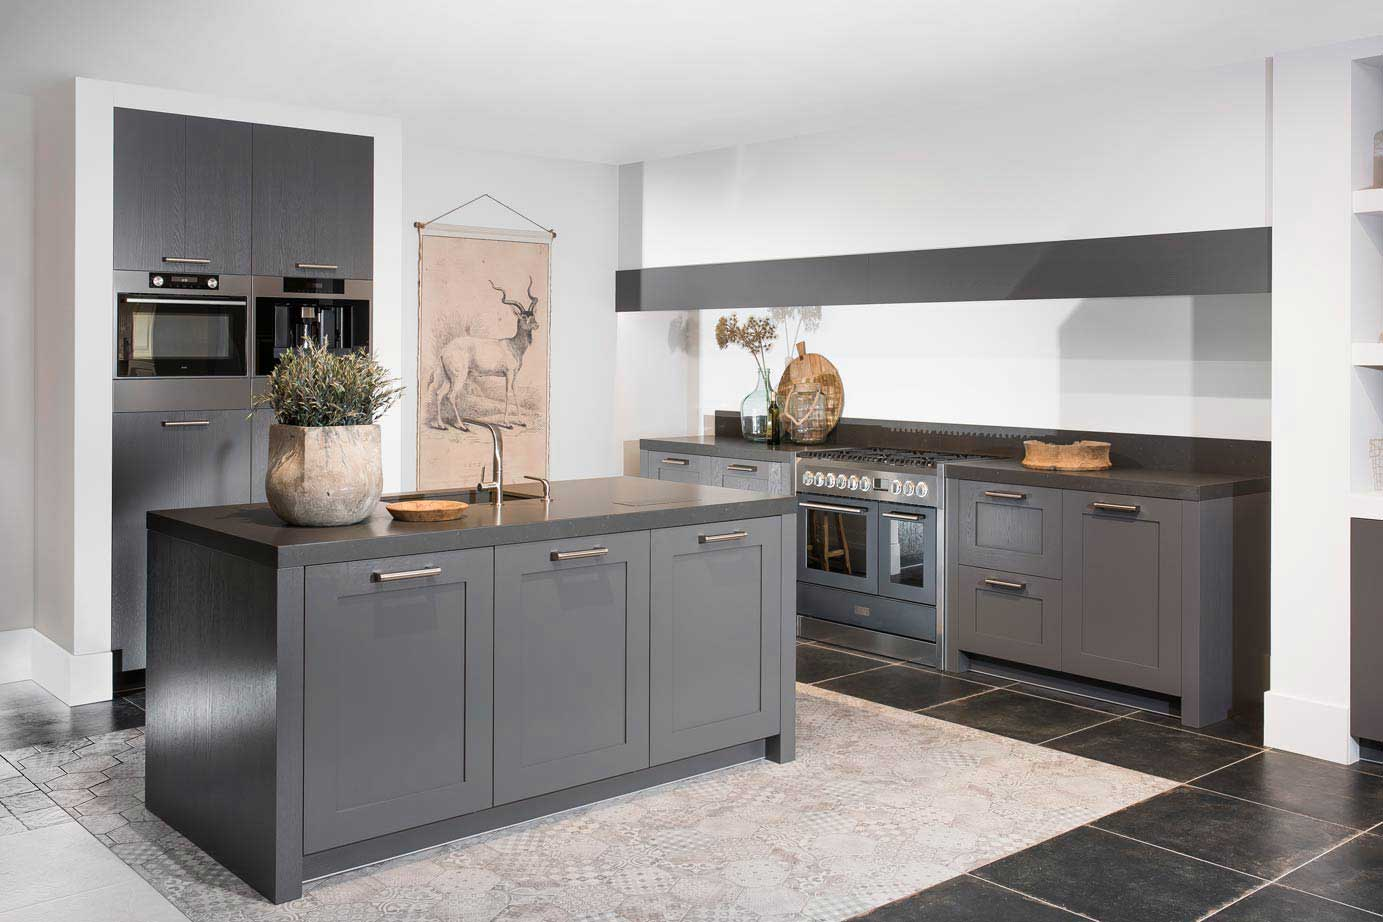 Keuken Quooker Kosten : perfecte montage van luxe keukens onze luxe keukens worden met de